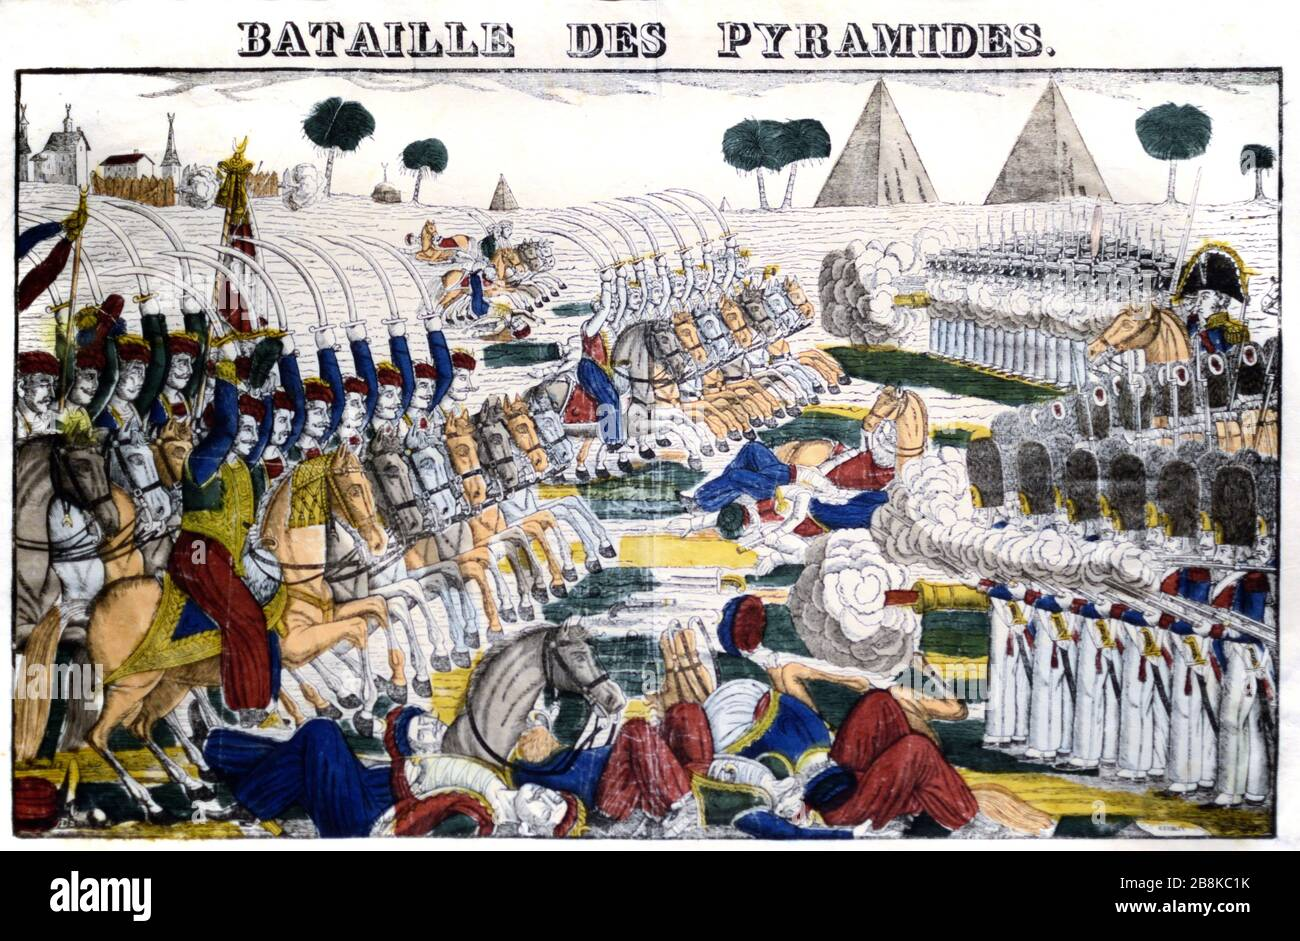 La batalla de las Pías de Egipto (1798) alias la batalla de Embeh durante la invasión francesa de Egipto bajo Napoleón Bonaparte. La batalla formó parte de las guerras revolucionarias francesas y fue una victoria francesa decisiva contra el ejército otomano. c19º Grabado. Foto de stock